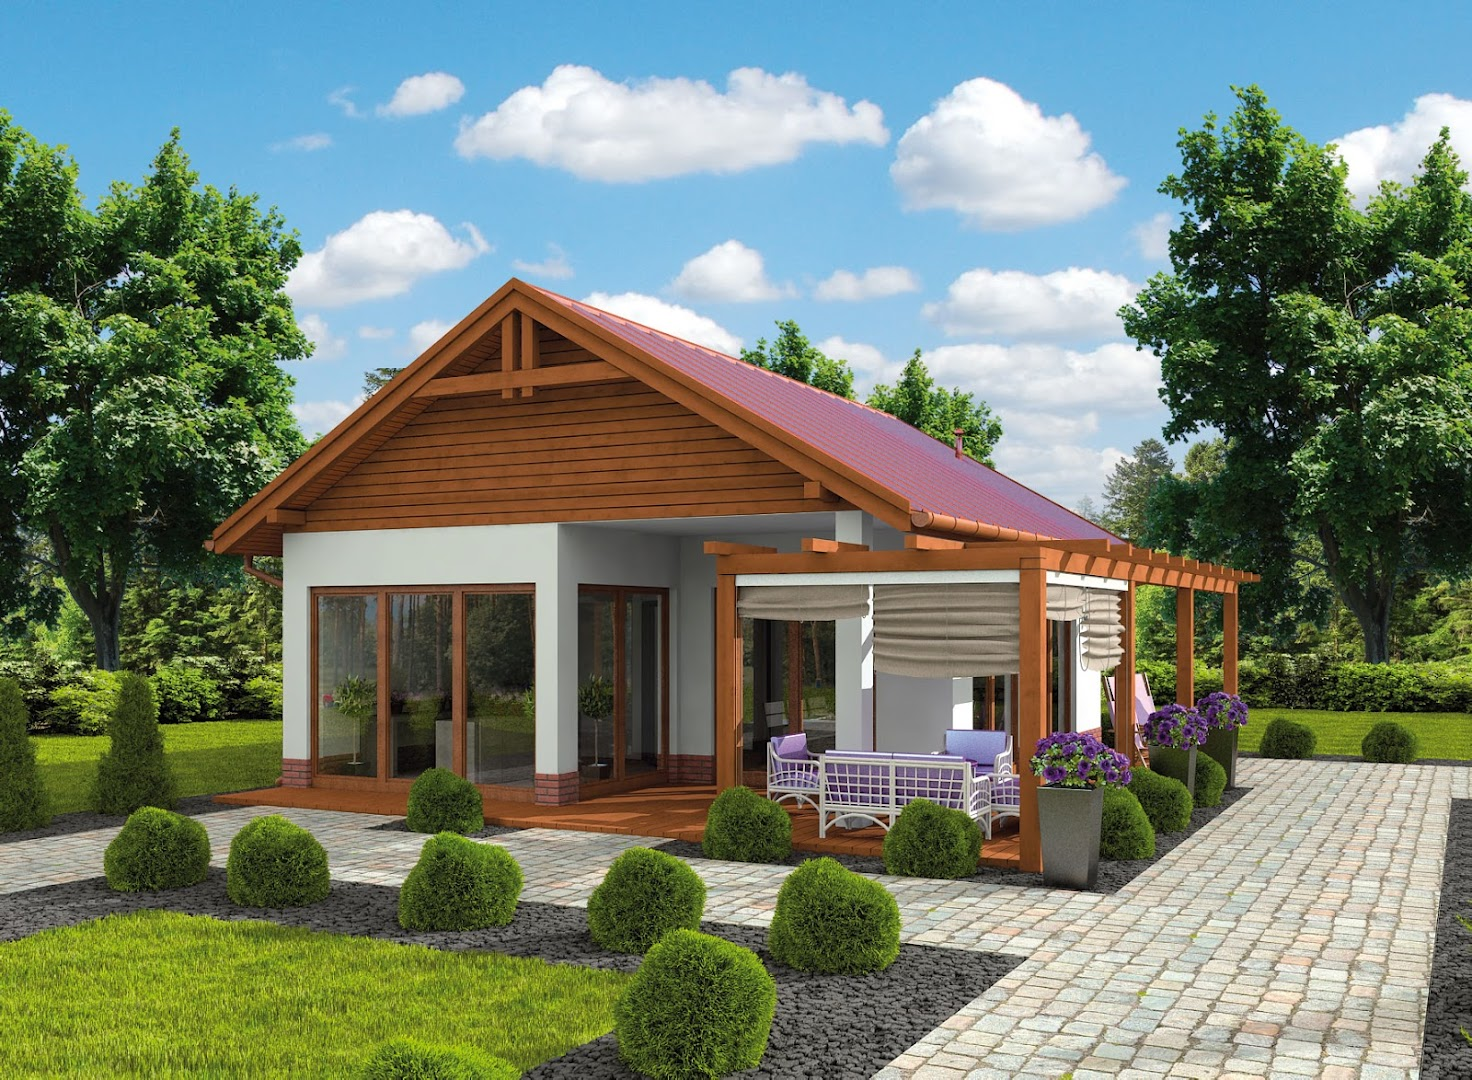 Projekt Kl12 Kuchnia Letnia Bud Gospodarczy Txs 353 43 12m